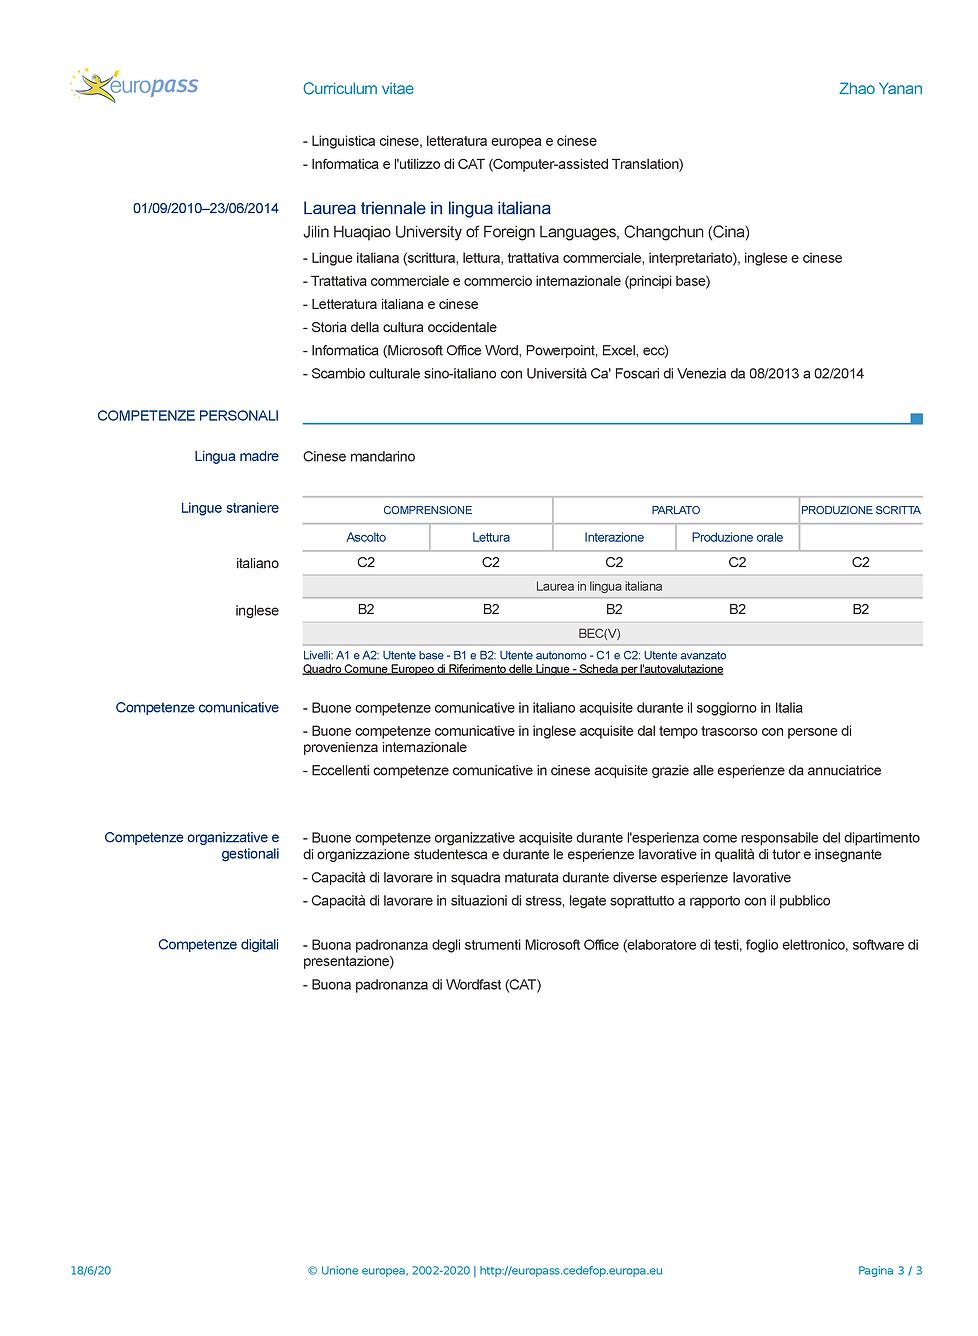 CV-Europass-20200618-Zhao-IT_Pagina_3.pn